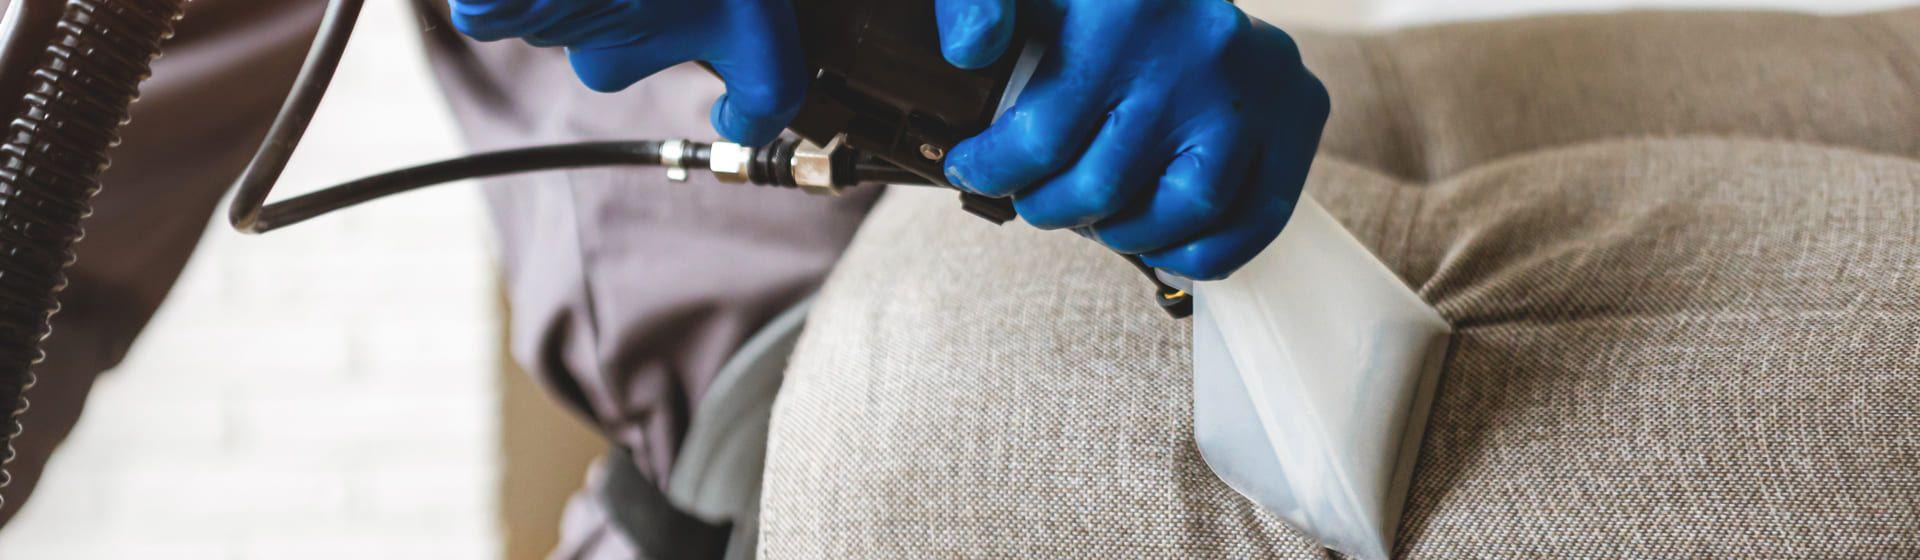 Como limpar sofá: 7 opções de máquina extratora